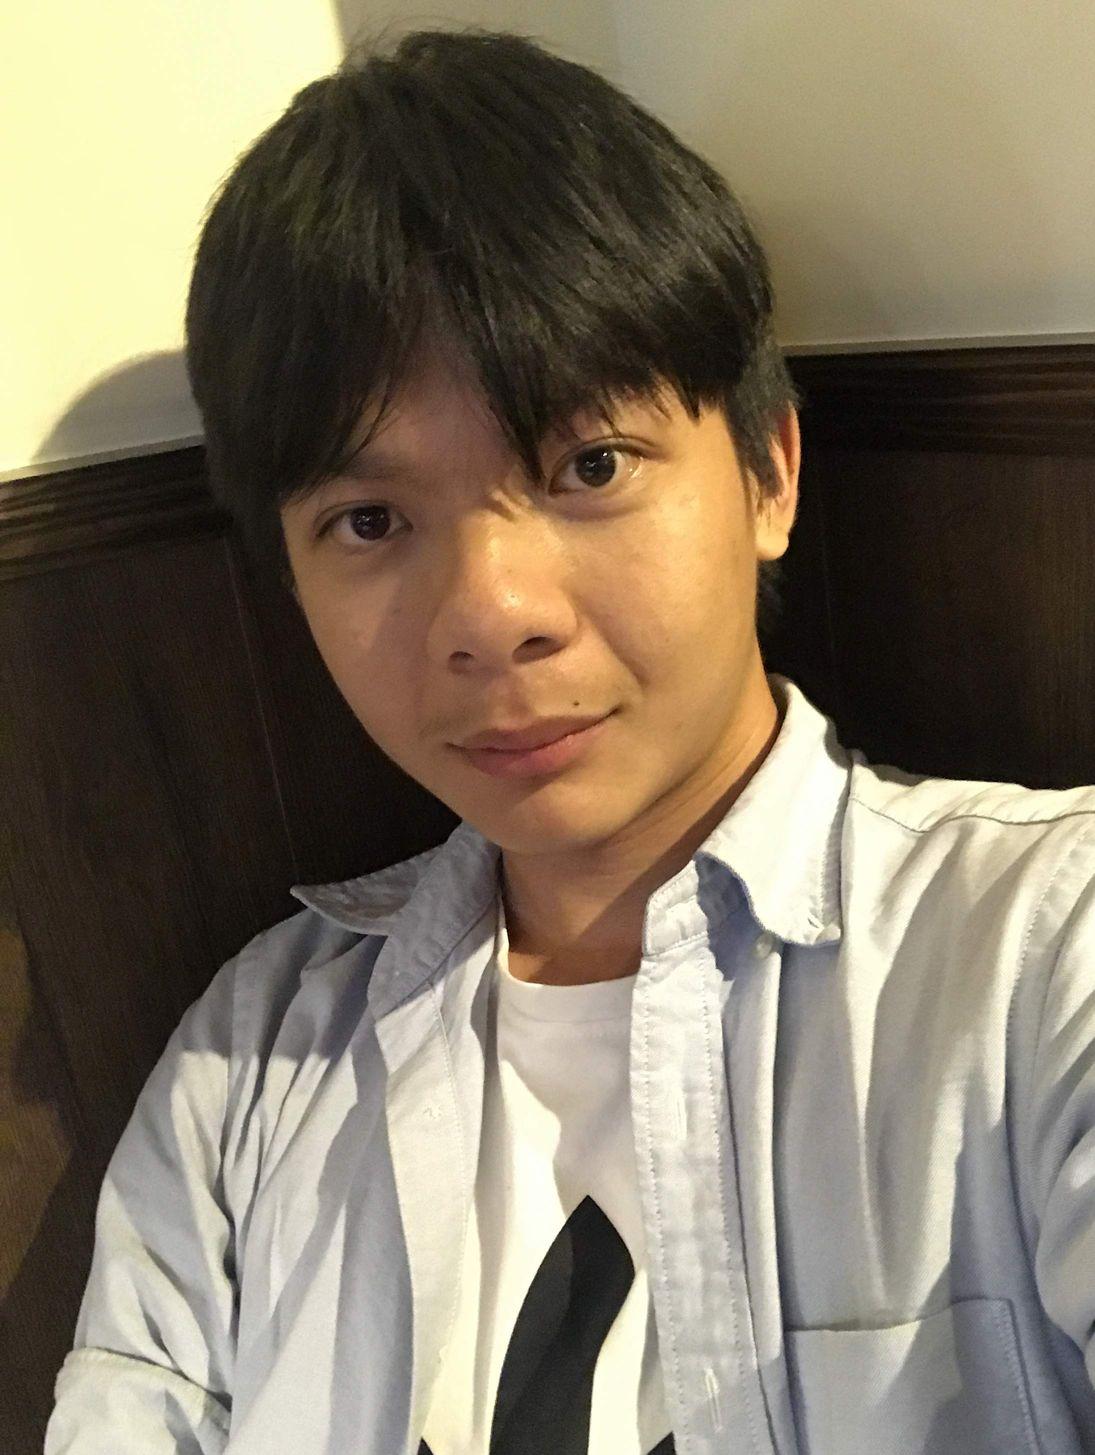 Photo of Wei-Cheng Liu